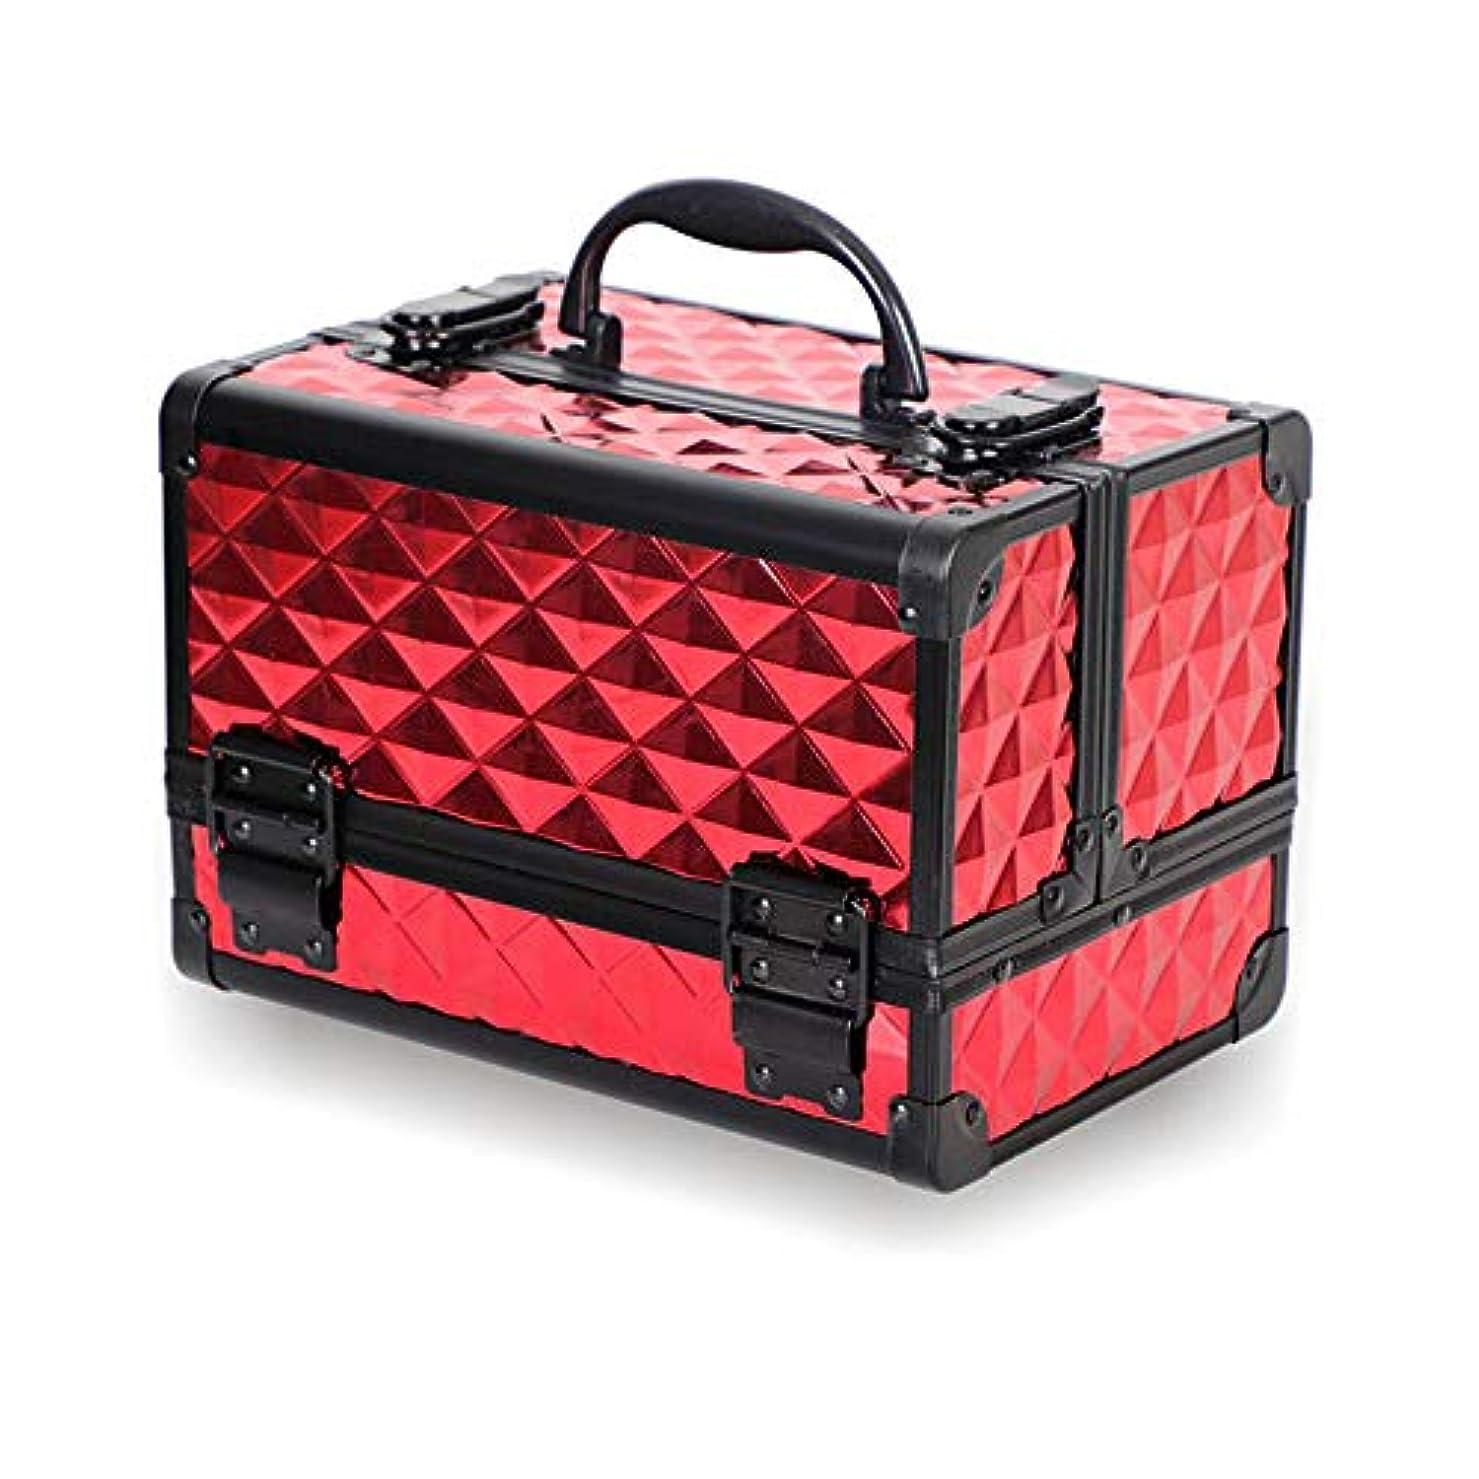 ファンドのぞき穴平日特大スペース収納ビューティーボックス 美の構造のためそしてジッパーおよび折る皿が付いている女の子の女性旅行そして毎日の貯蔵のための高容量の携帯用化粧品袋 化粧品化粧台 (色 : 赤)